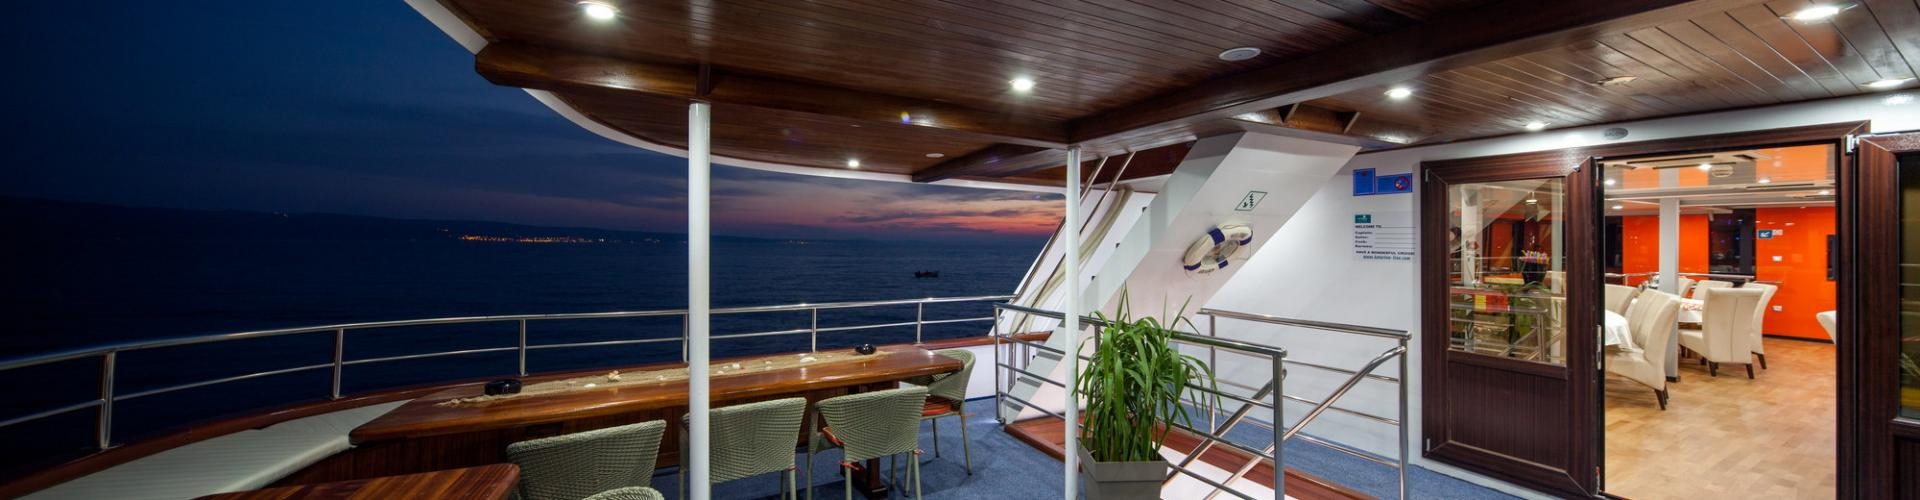 barca a motore Premium Superior nave da crociera MV Amalia